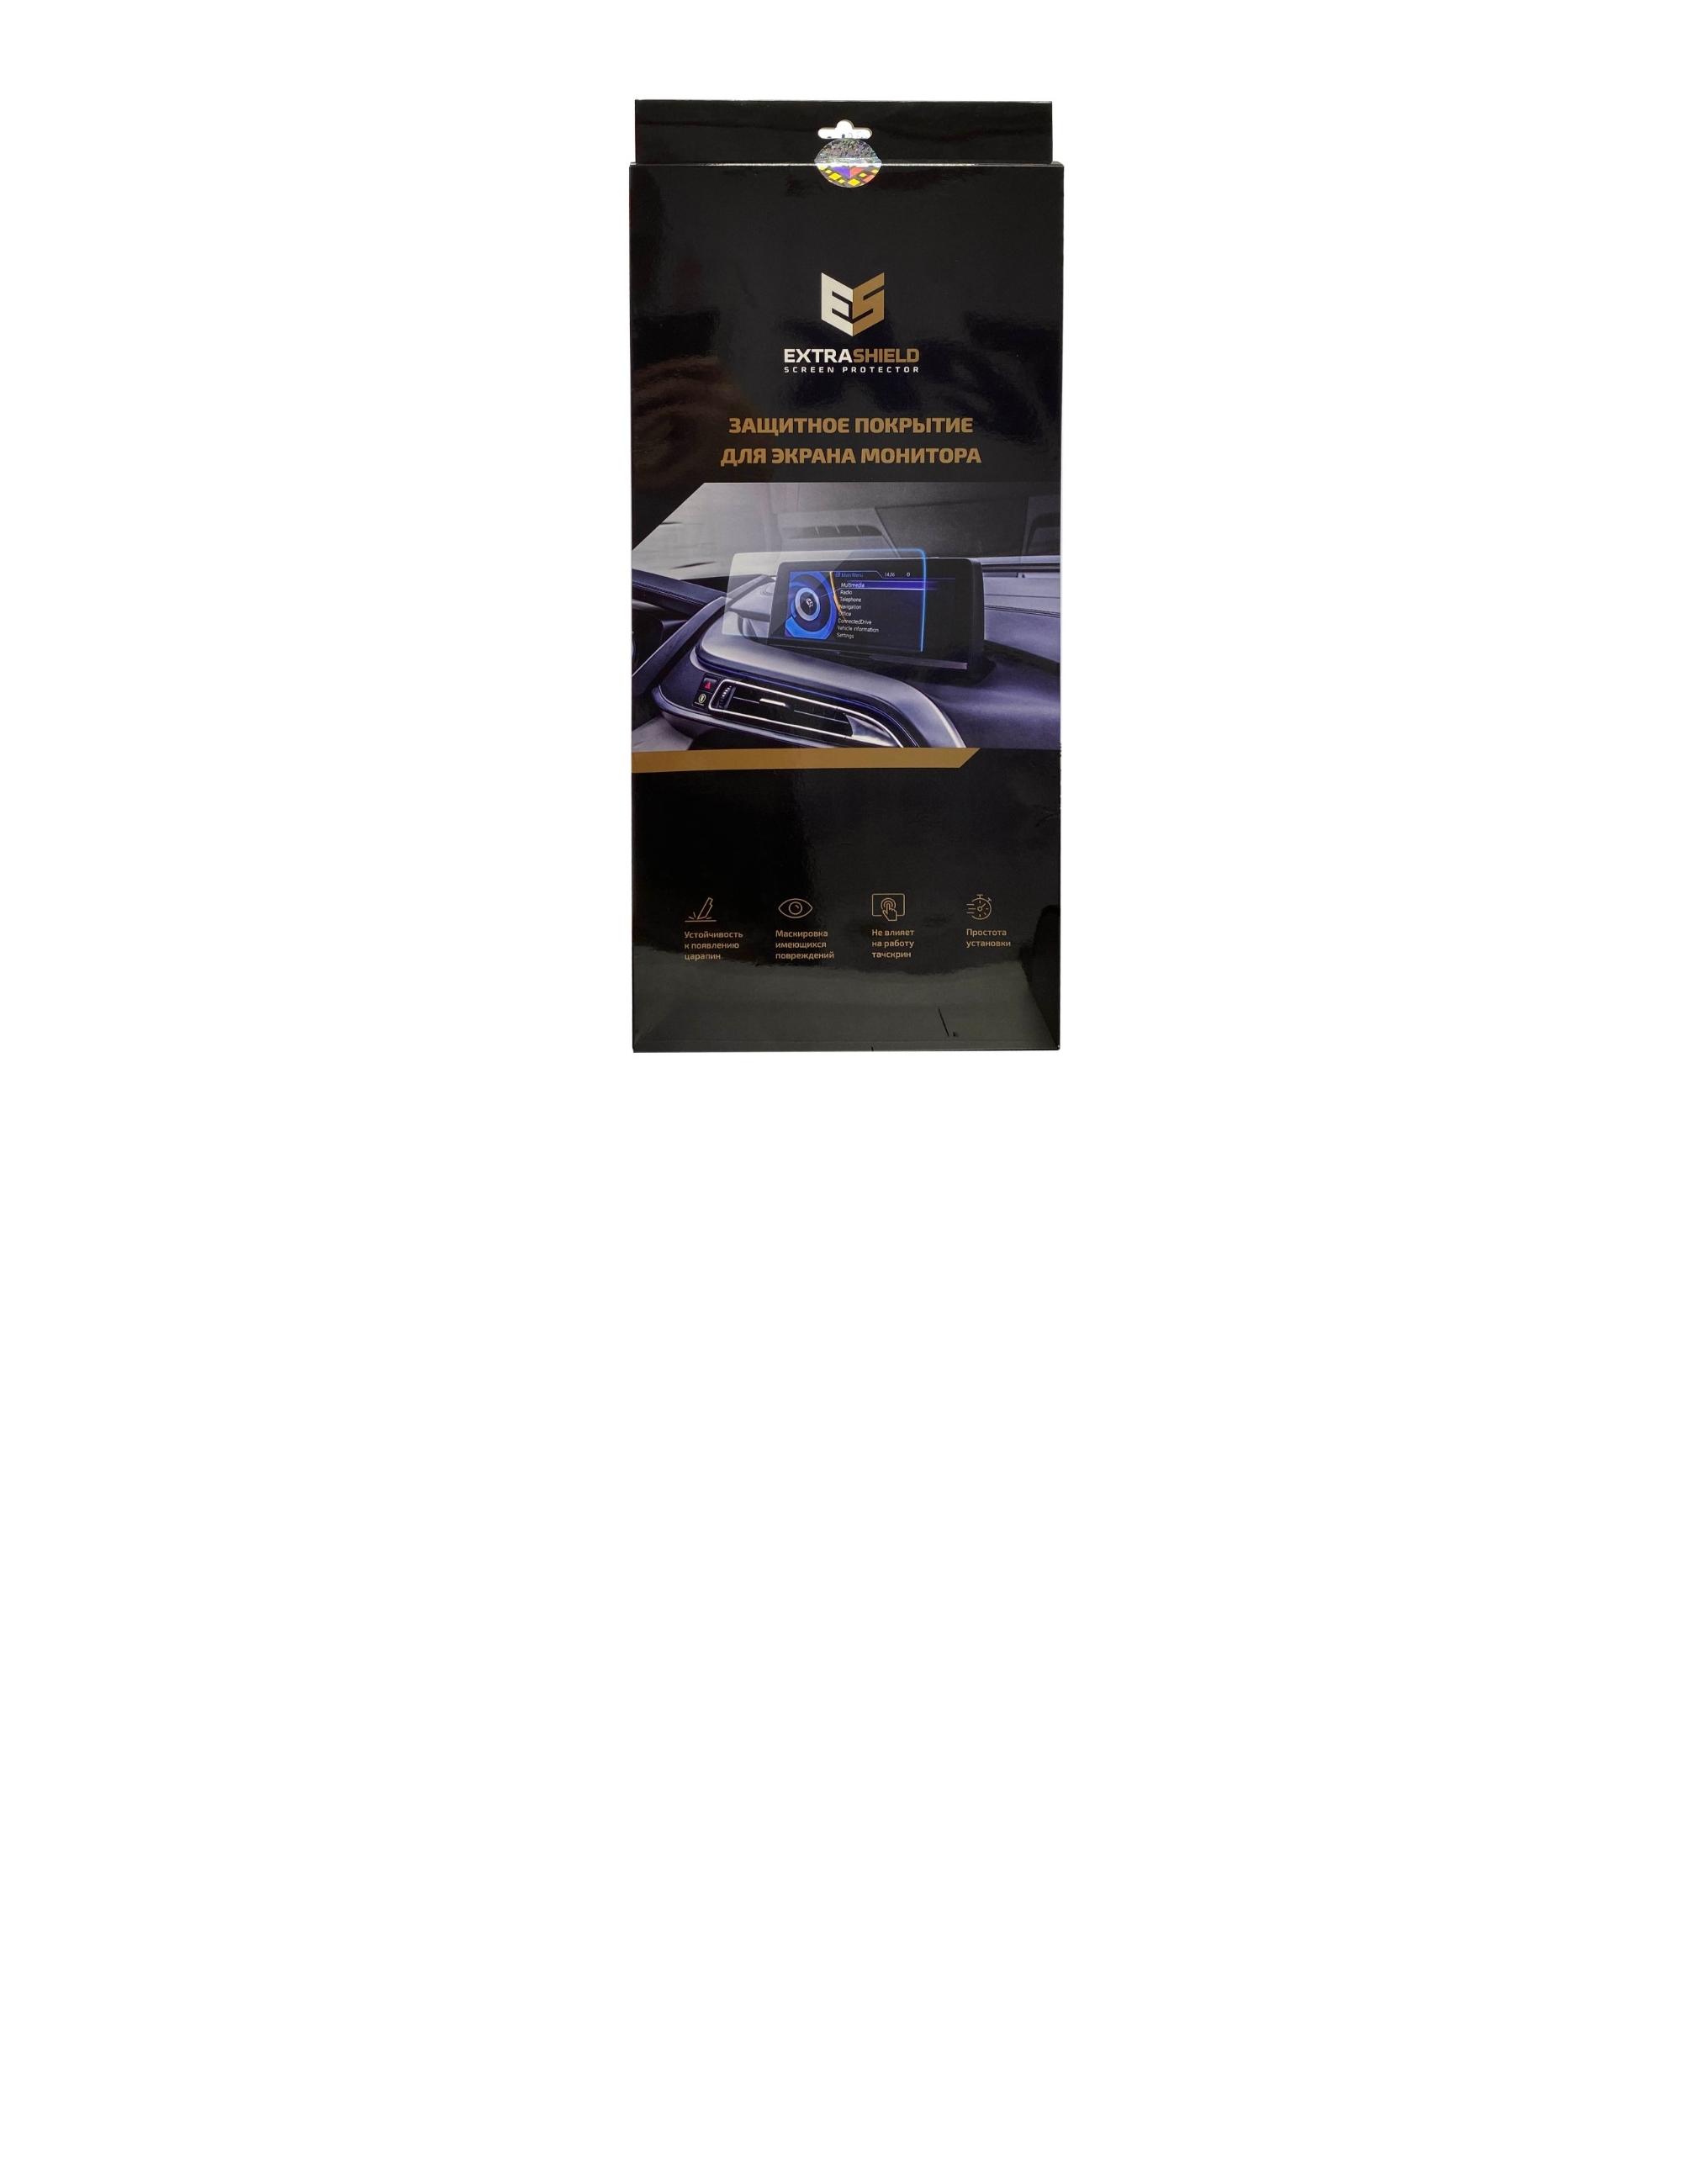 Audi Q5 II (FY) дорестайлинг 2016 - 2019 мультимедиа MMI 8,3 Статическая пленка Матовая